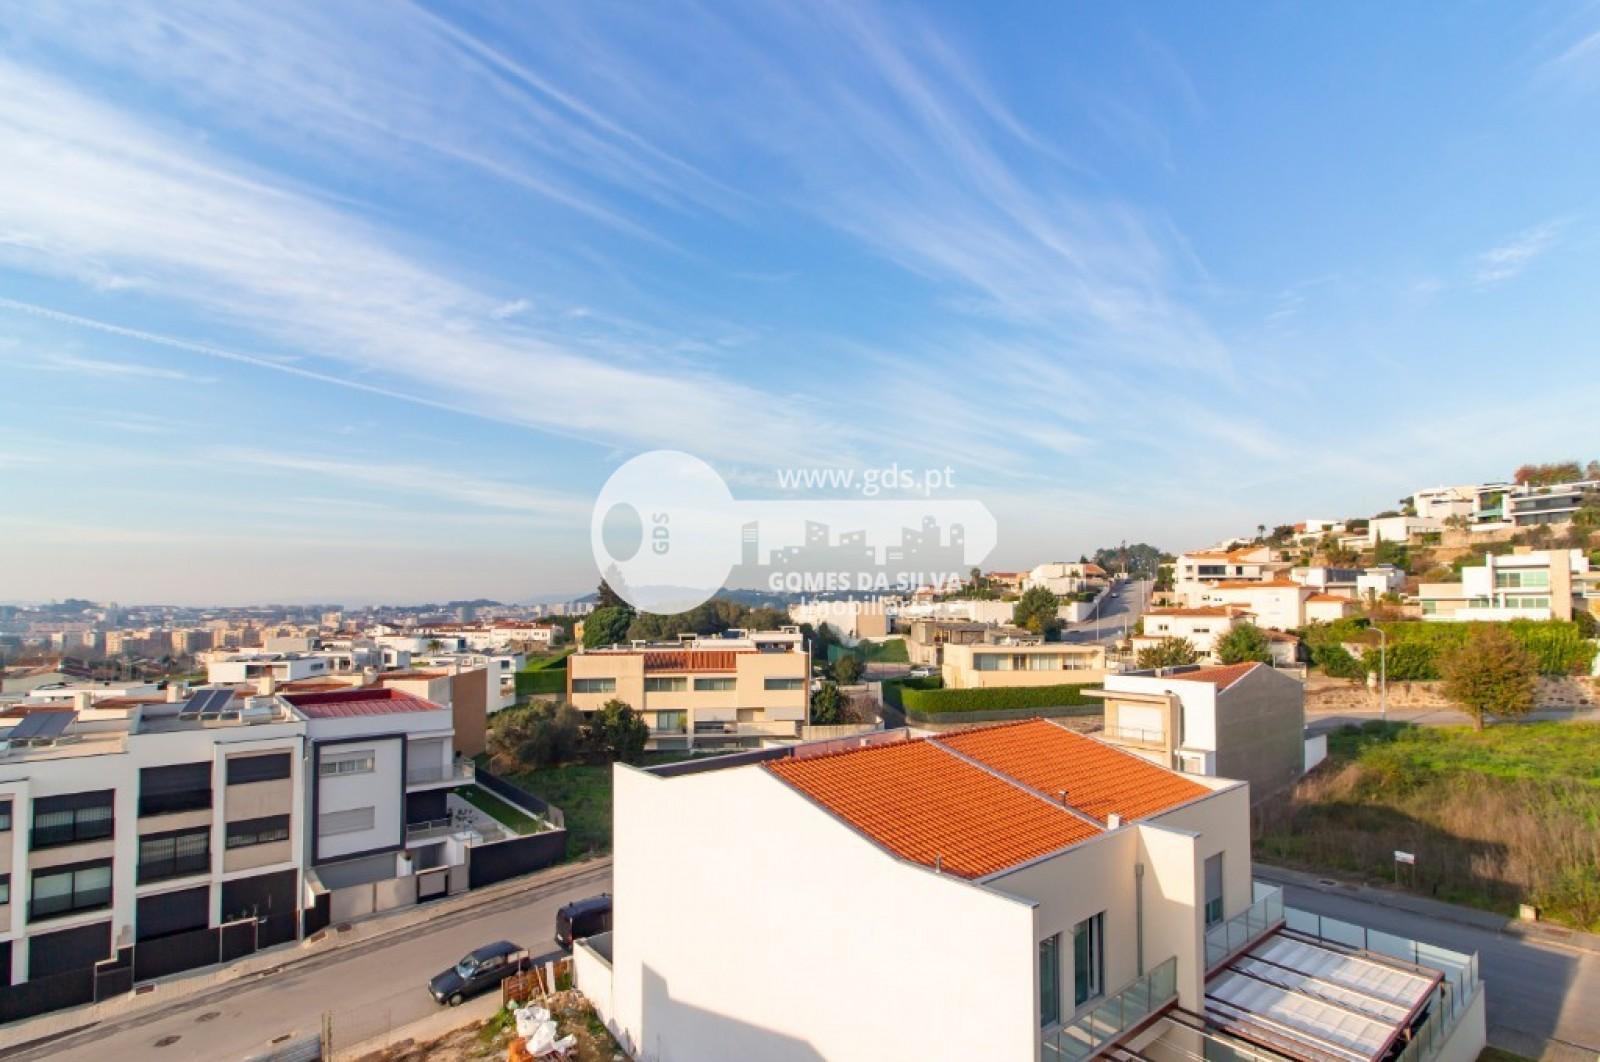 Apartamento T3 para Venda em Nogueira, Fraião e Lamaçães, Braga, Braga - Imagem 33